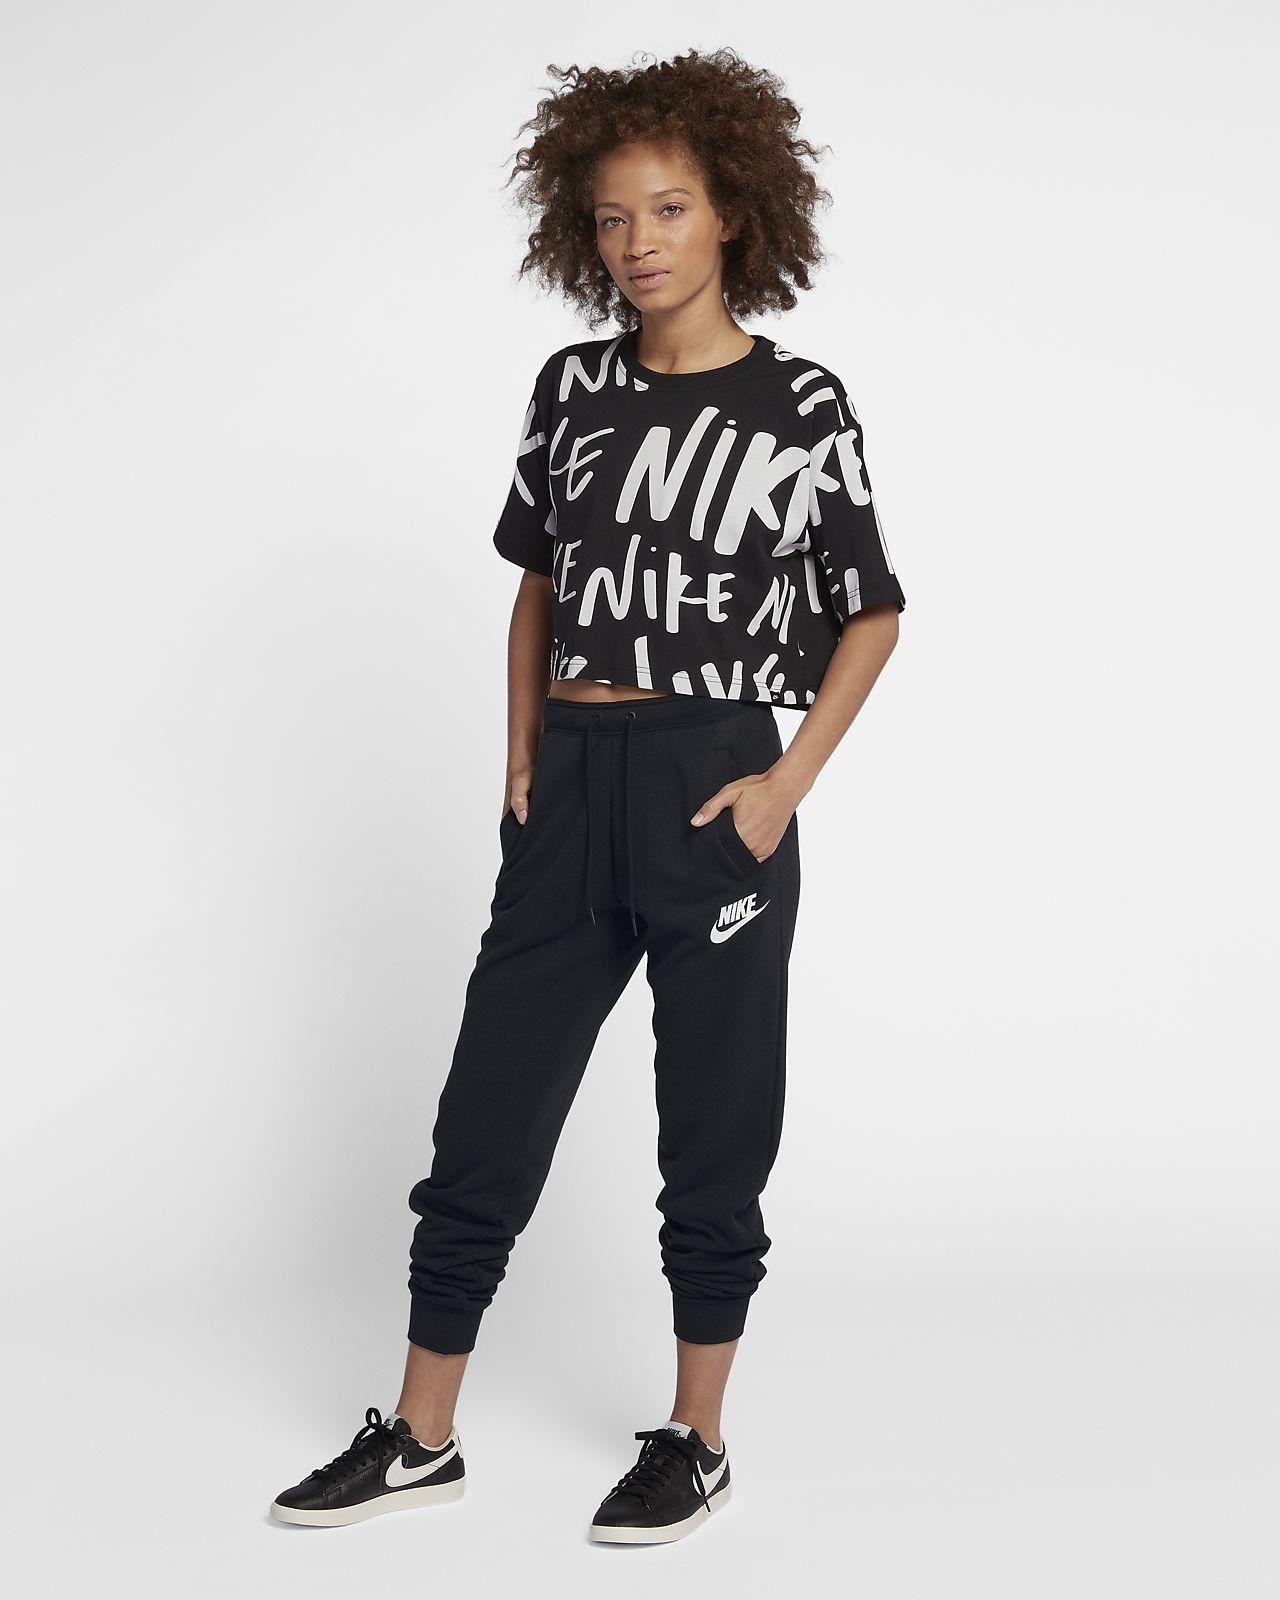 ed0d61c0 Low Resolution Nike Sportswear Rally Women's Pants Nike Sportswear Rally  Women's Pants